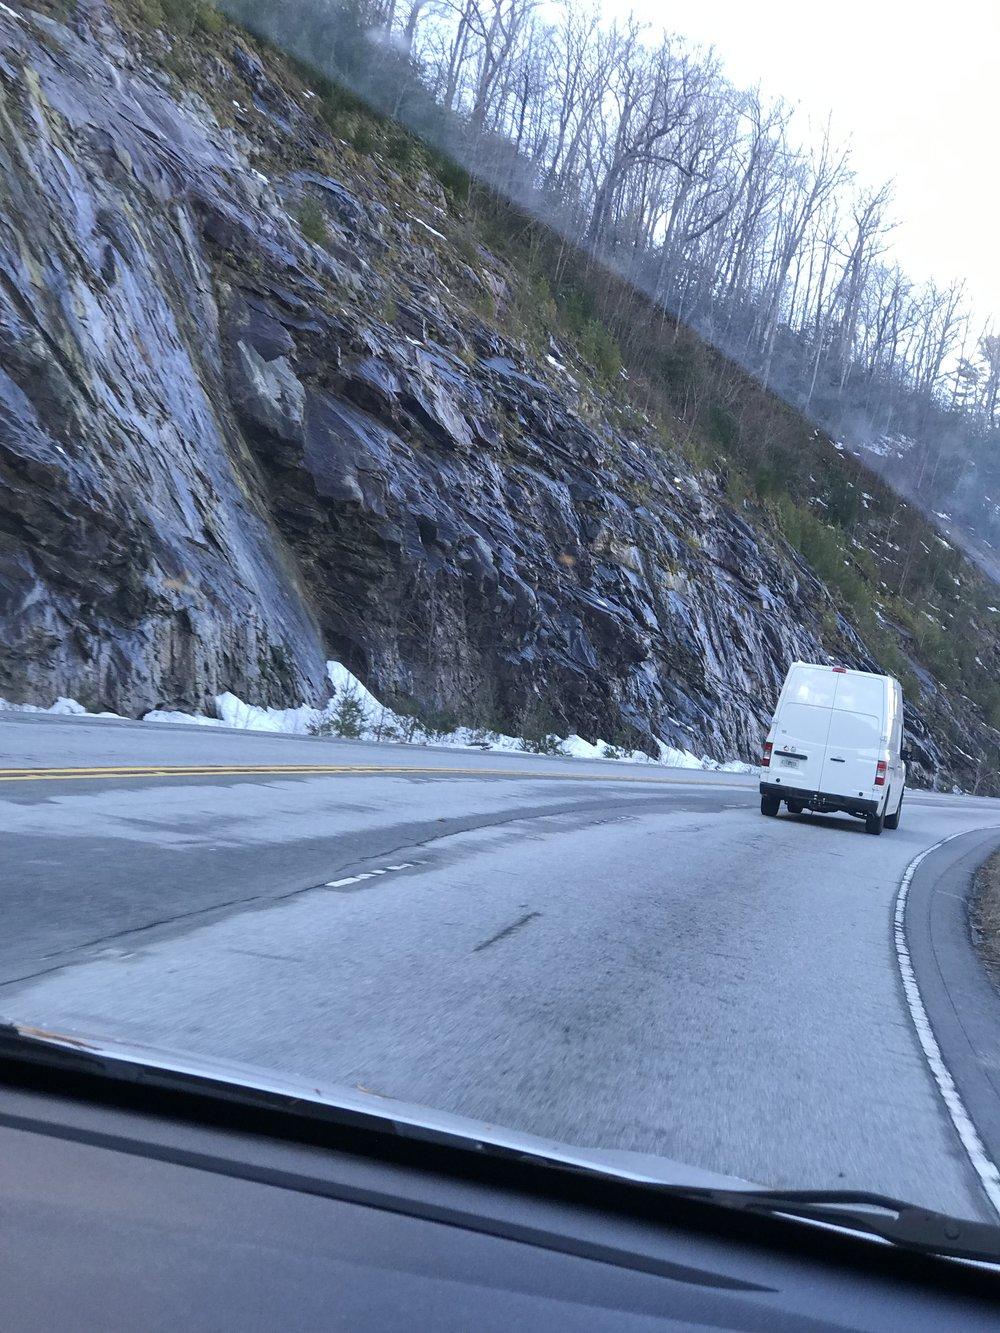 Roads were a little tricky!